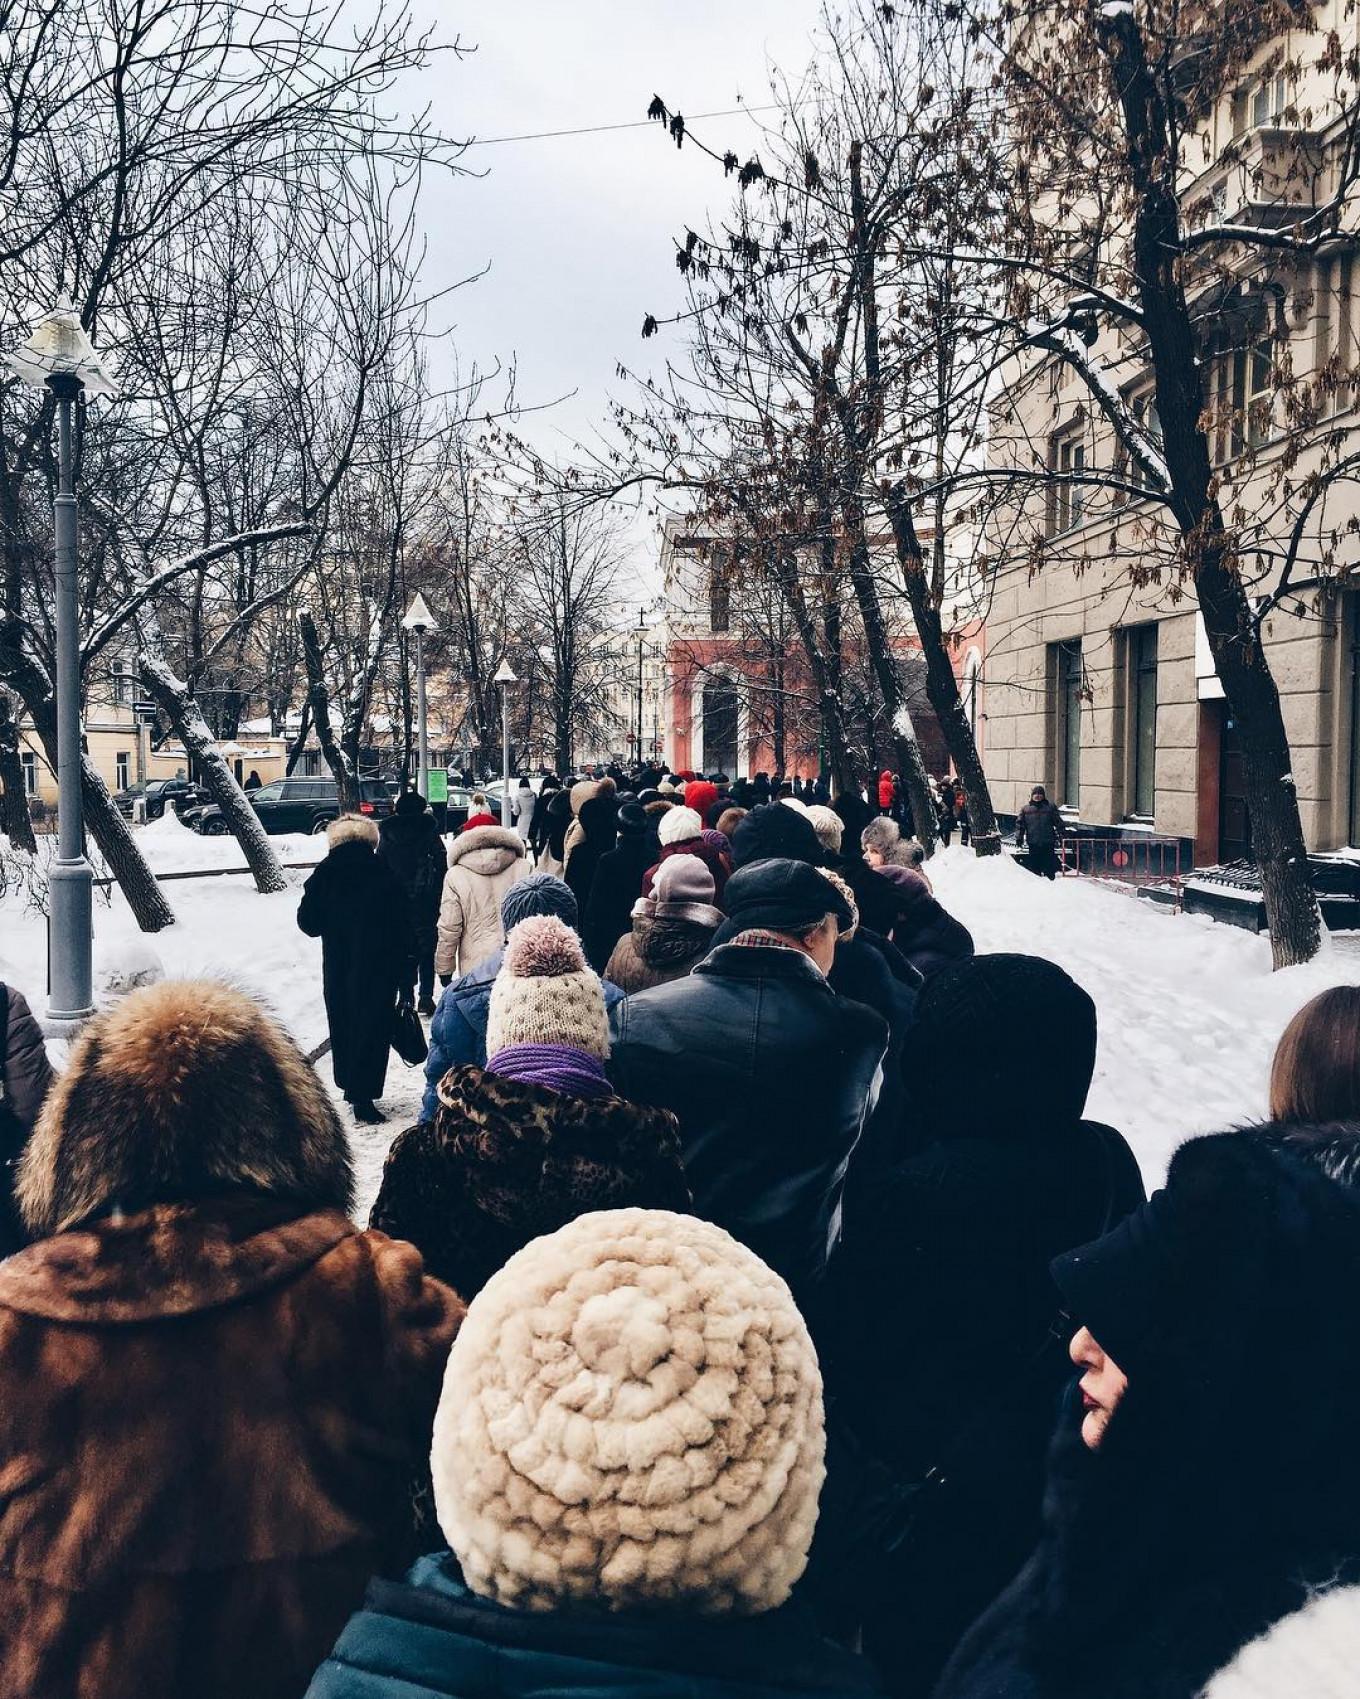 Lining up outside the Tretyakov Gallery. Dec. 15, 2016 Anton Gorodetsky / Instagram